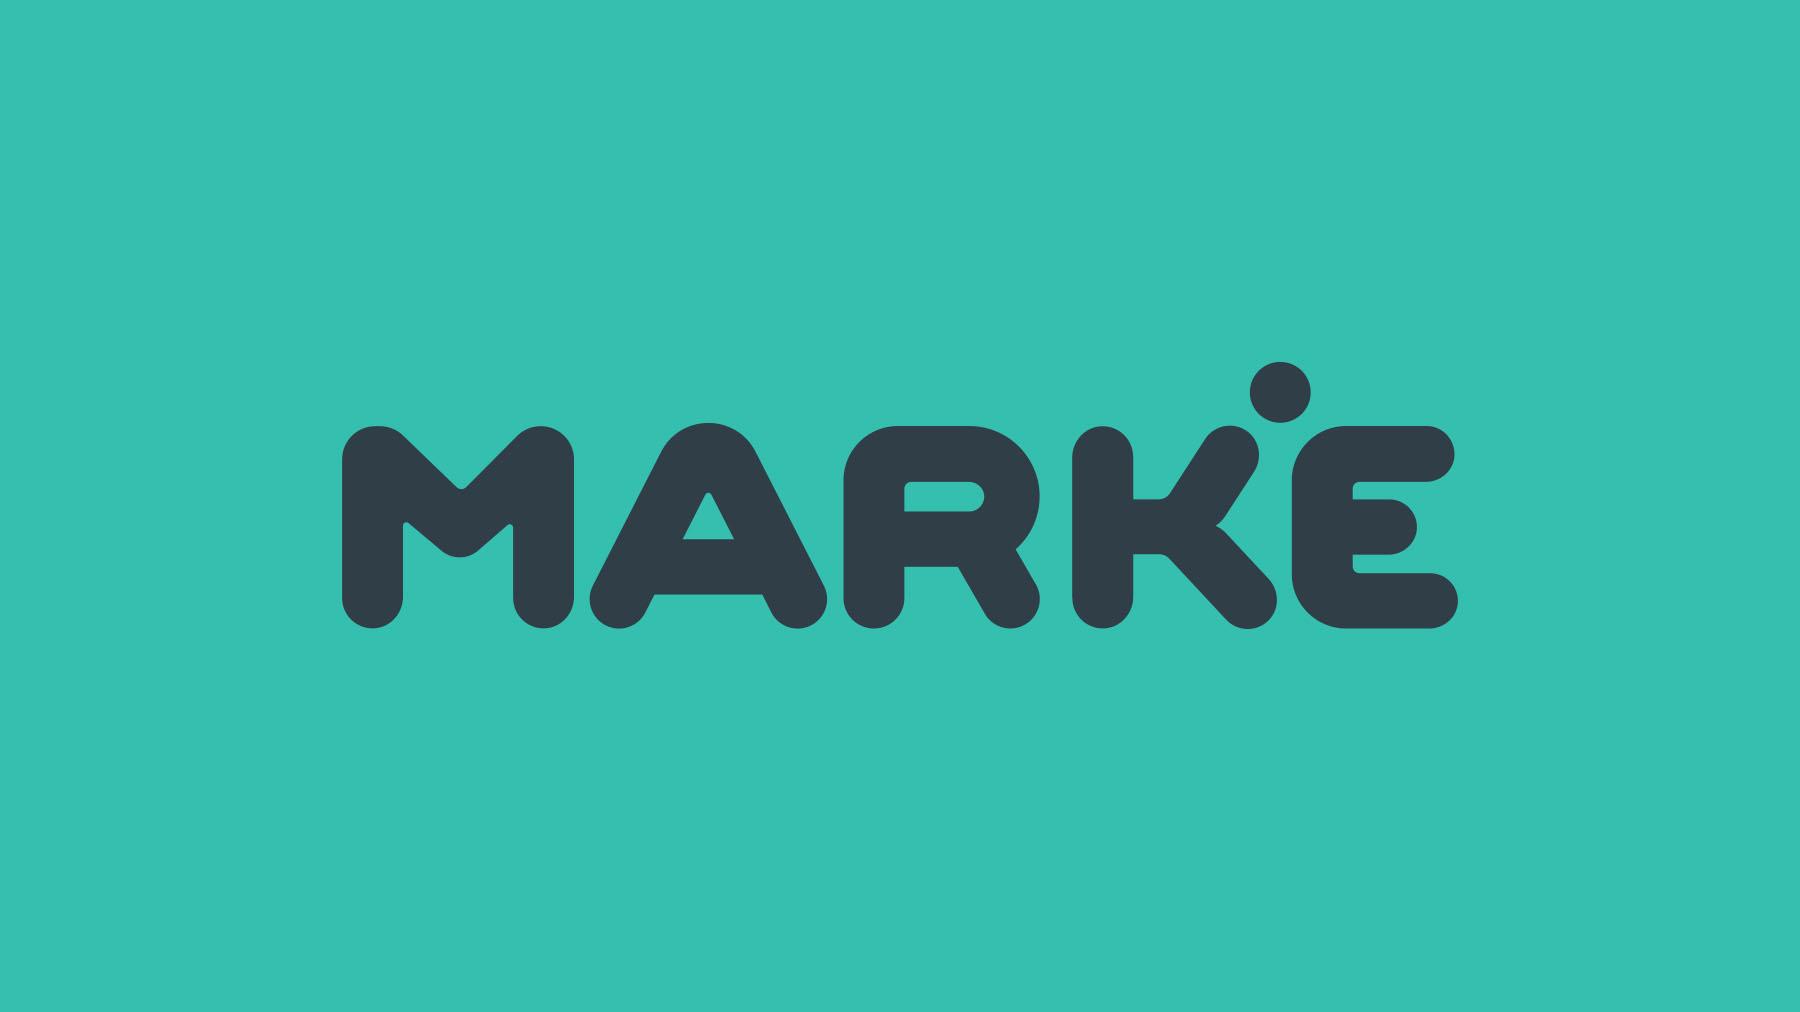 Design de Logotipo Marke, Novo Hamburgo.